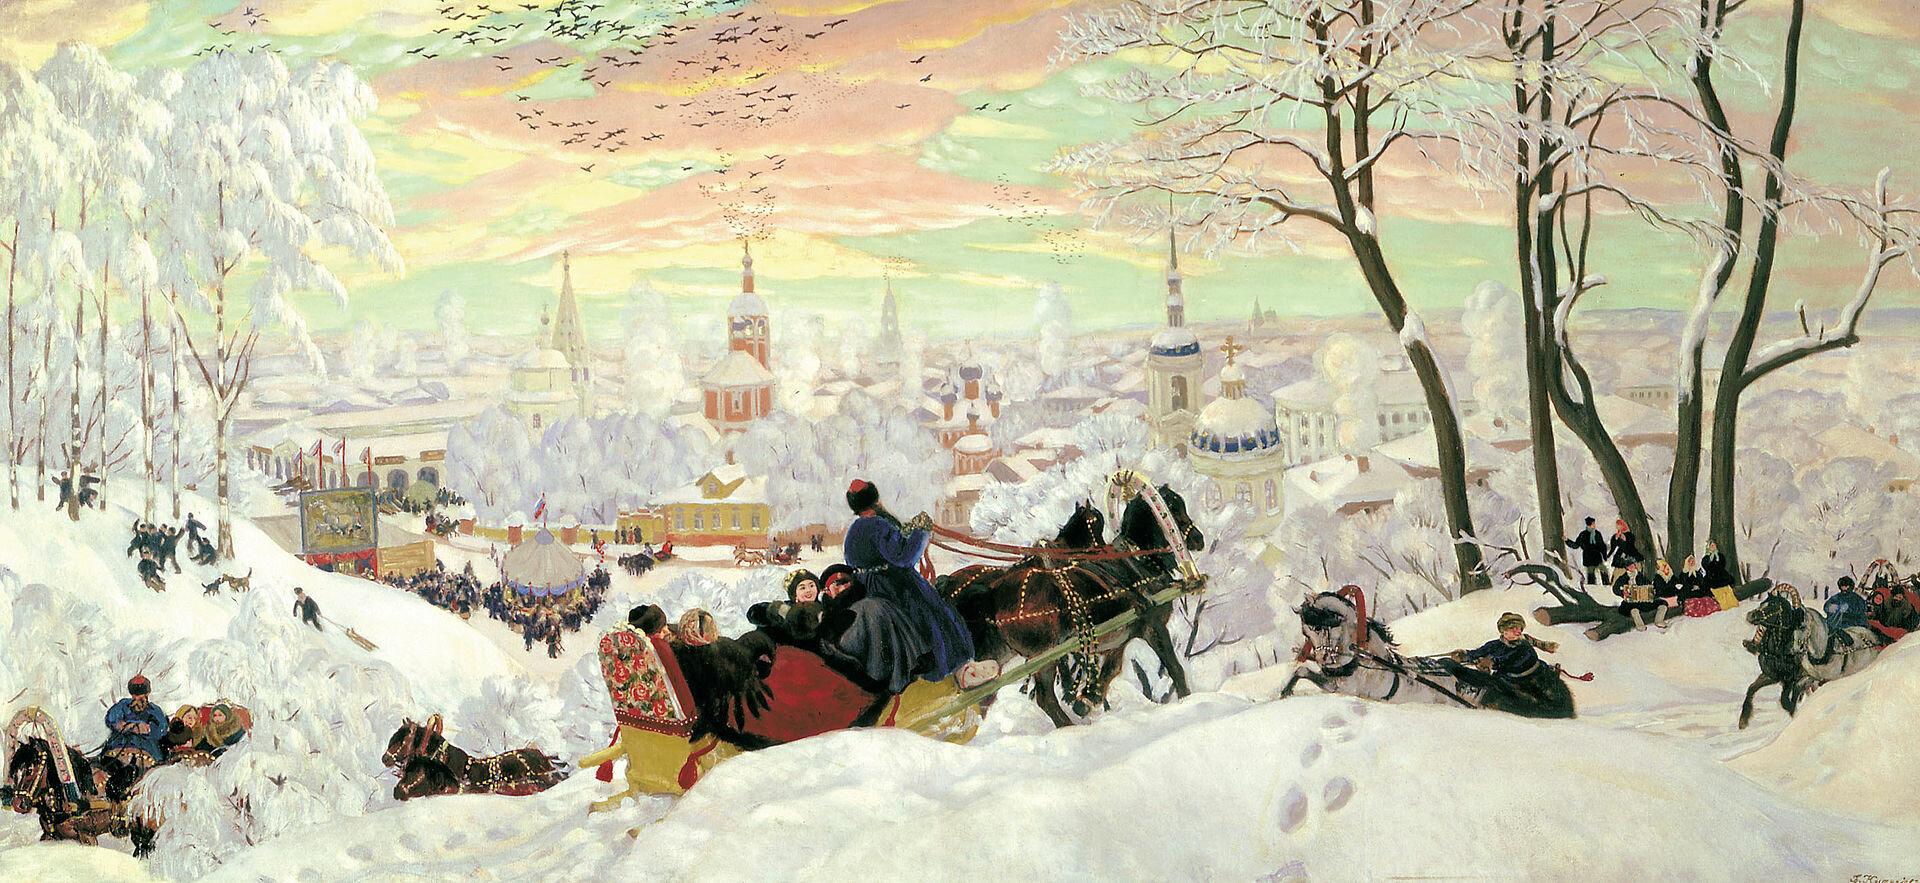 Борис Михайлович Кустодиев «Масленица», 1916 год